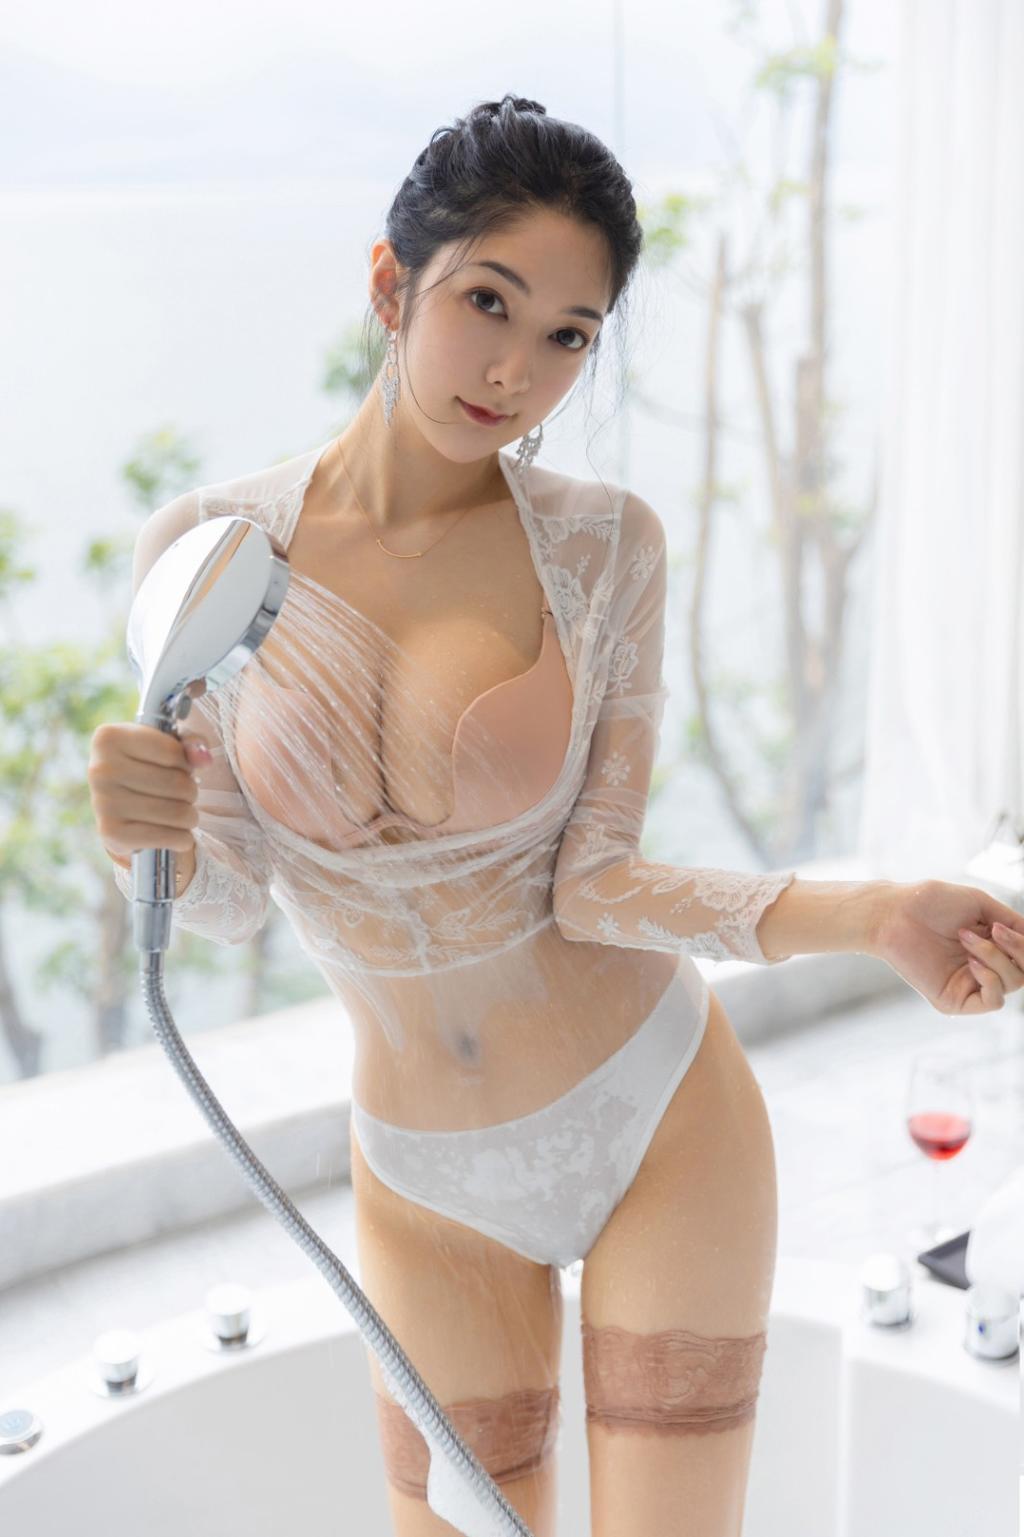 模特小热巴泡泡浴私房美女摄影写真图片